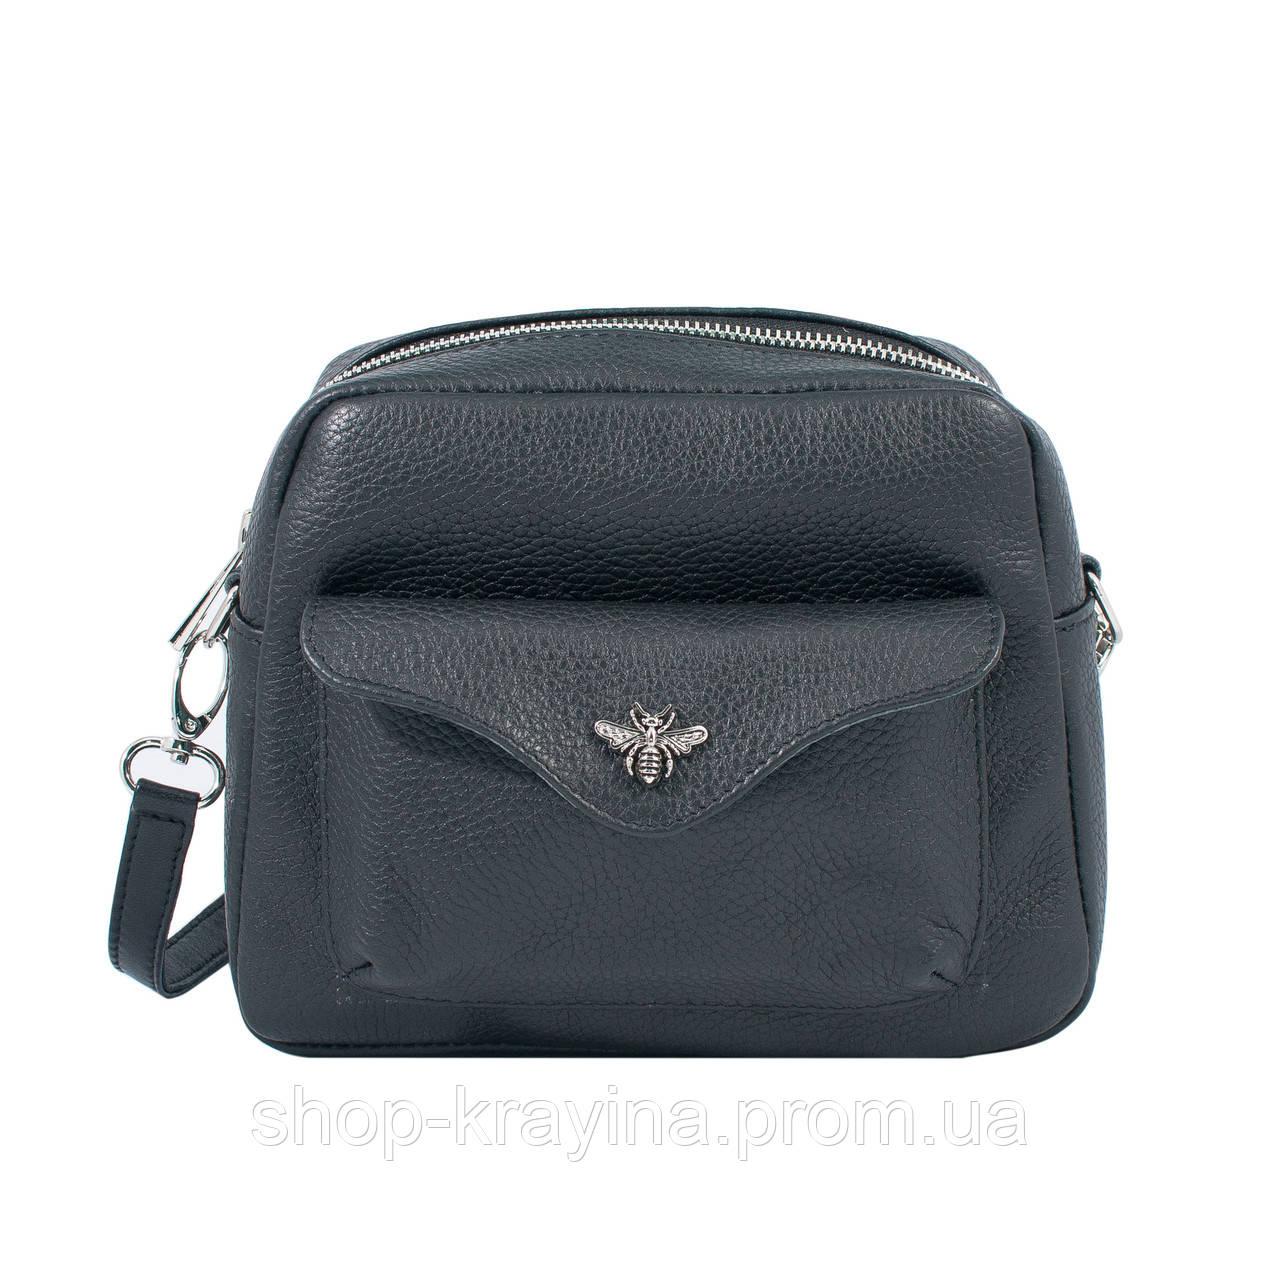 Кожаная сумка VS171  black insect 20х16х6 см